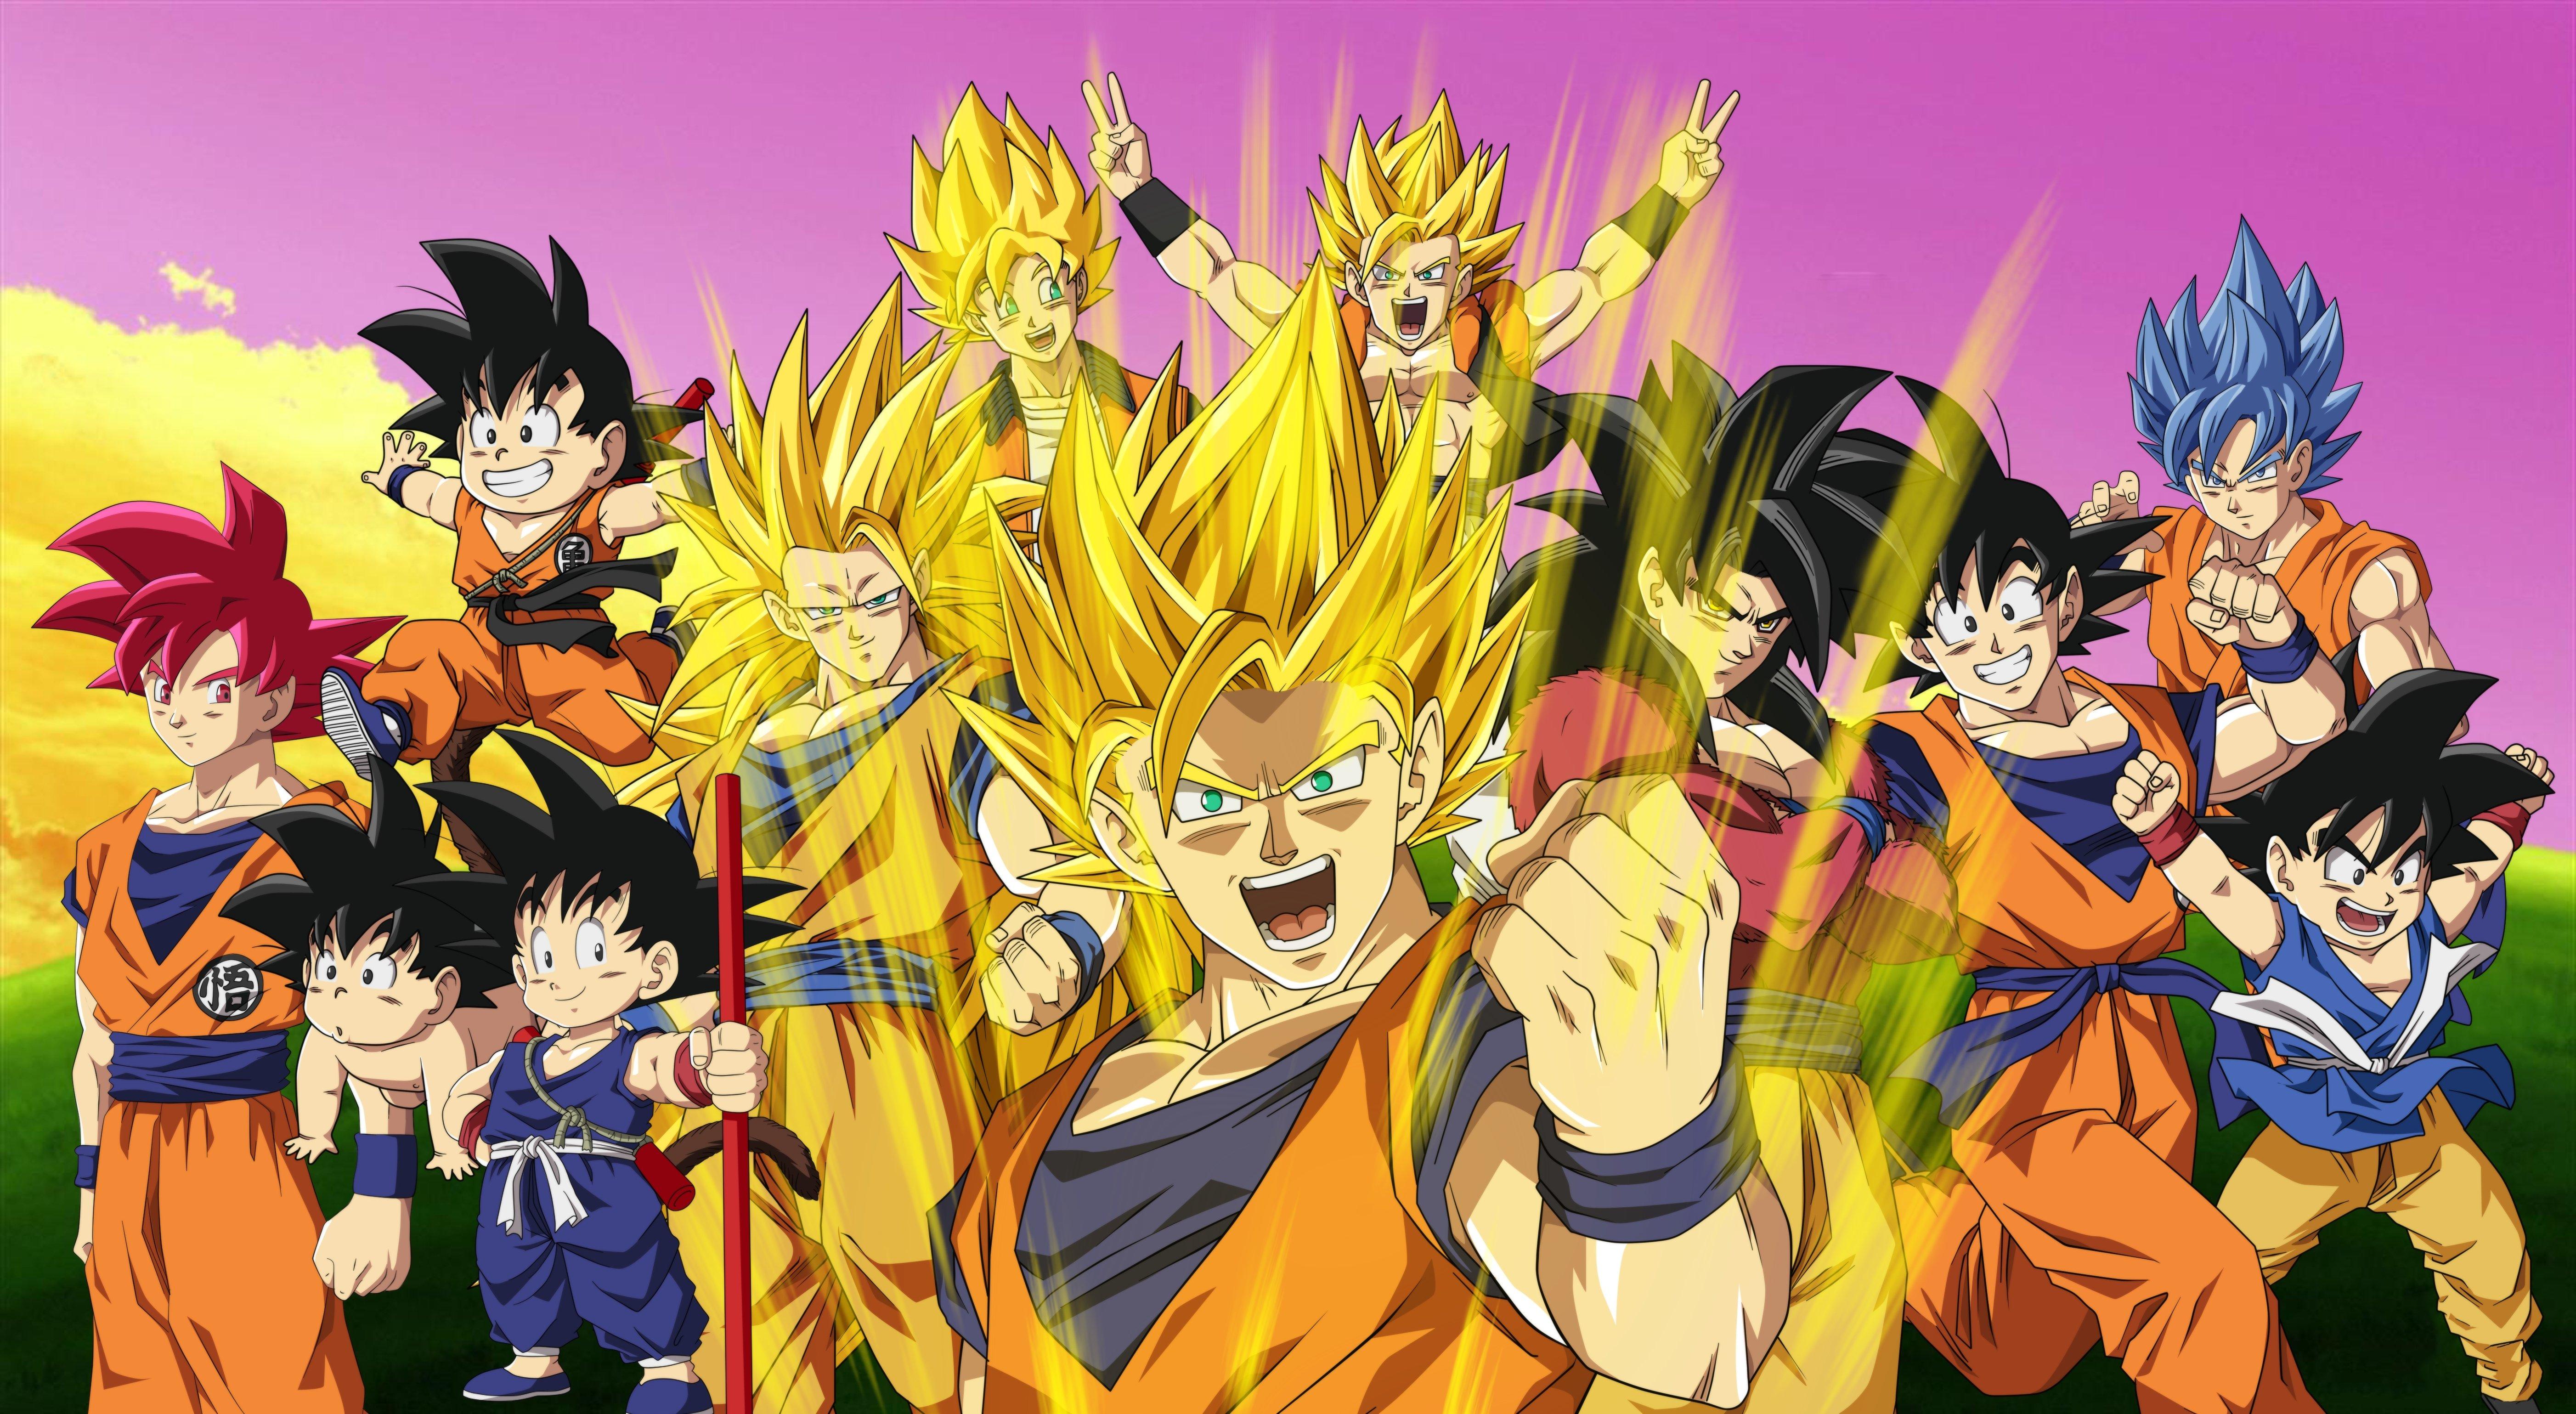 Anime Wallpaper Goku